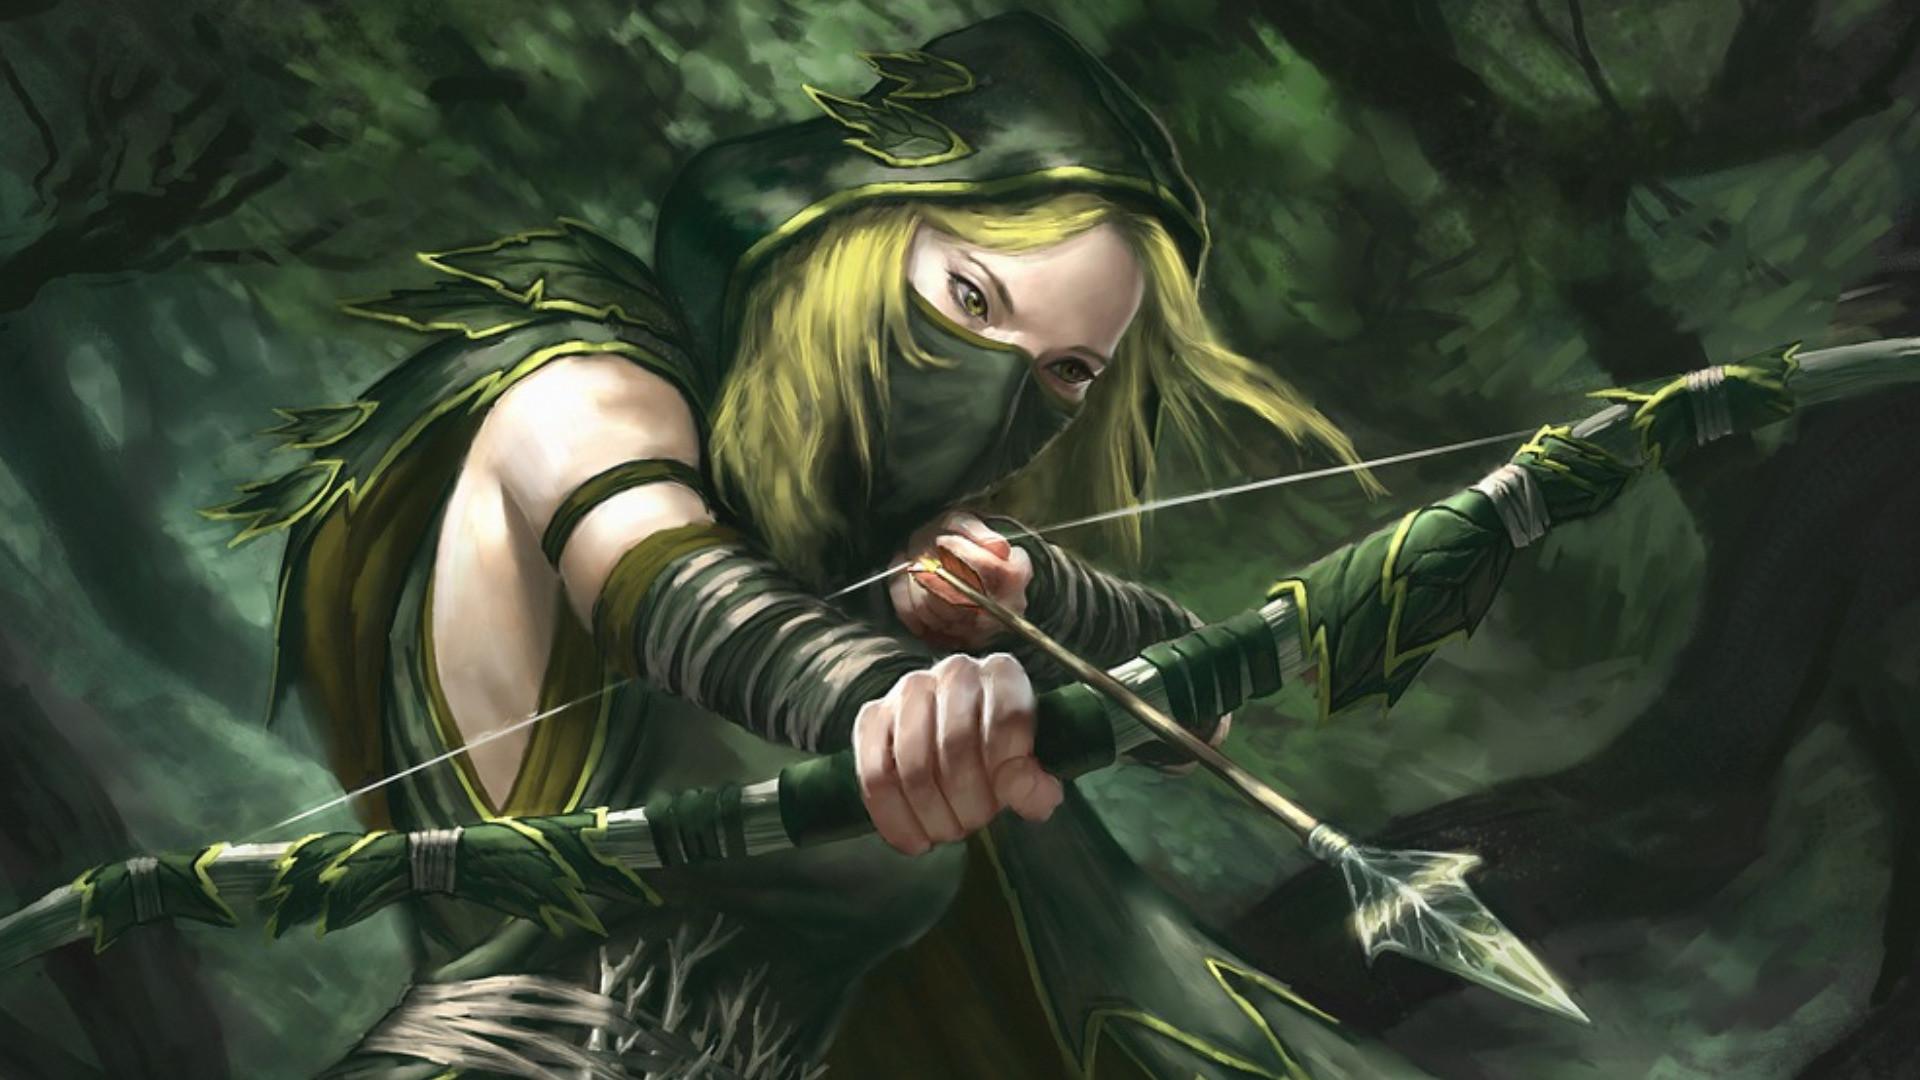 Shadow Sentinel by faxtar female archer in green. Green Arrow …